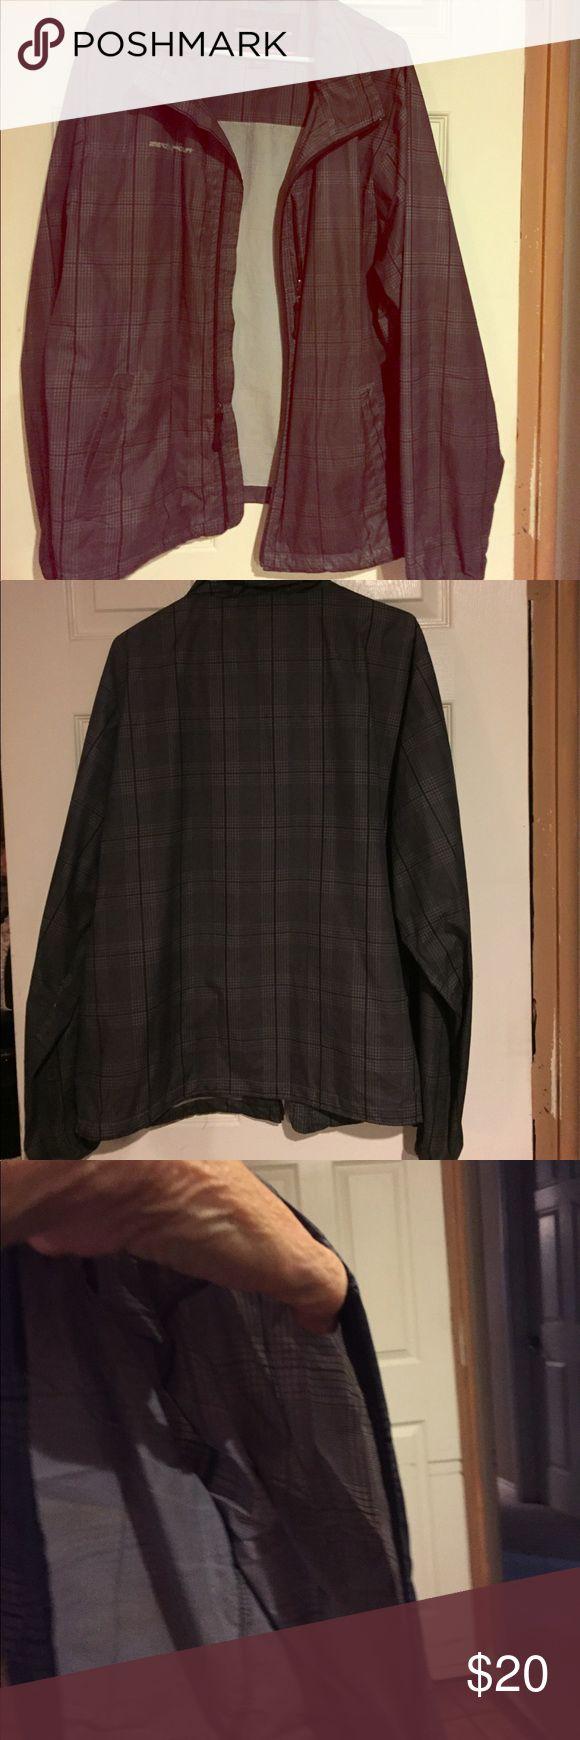 Men's raincoat Men's raincoat blazer type with hidden hood in neckline. ZeroXposur Jackets & Coats Raincoats